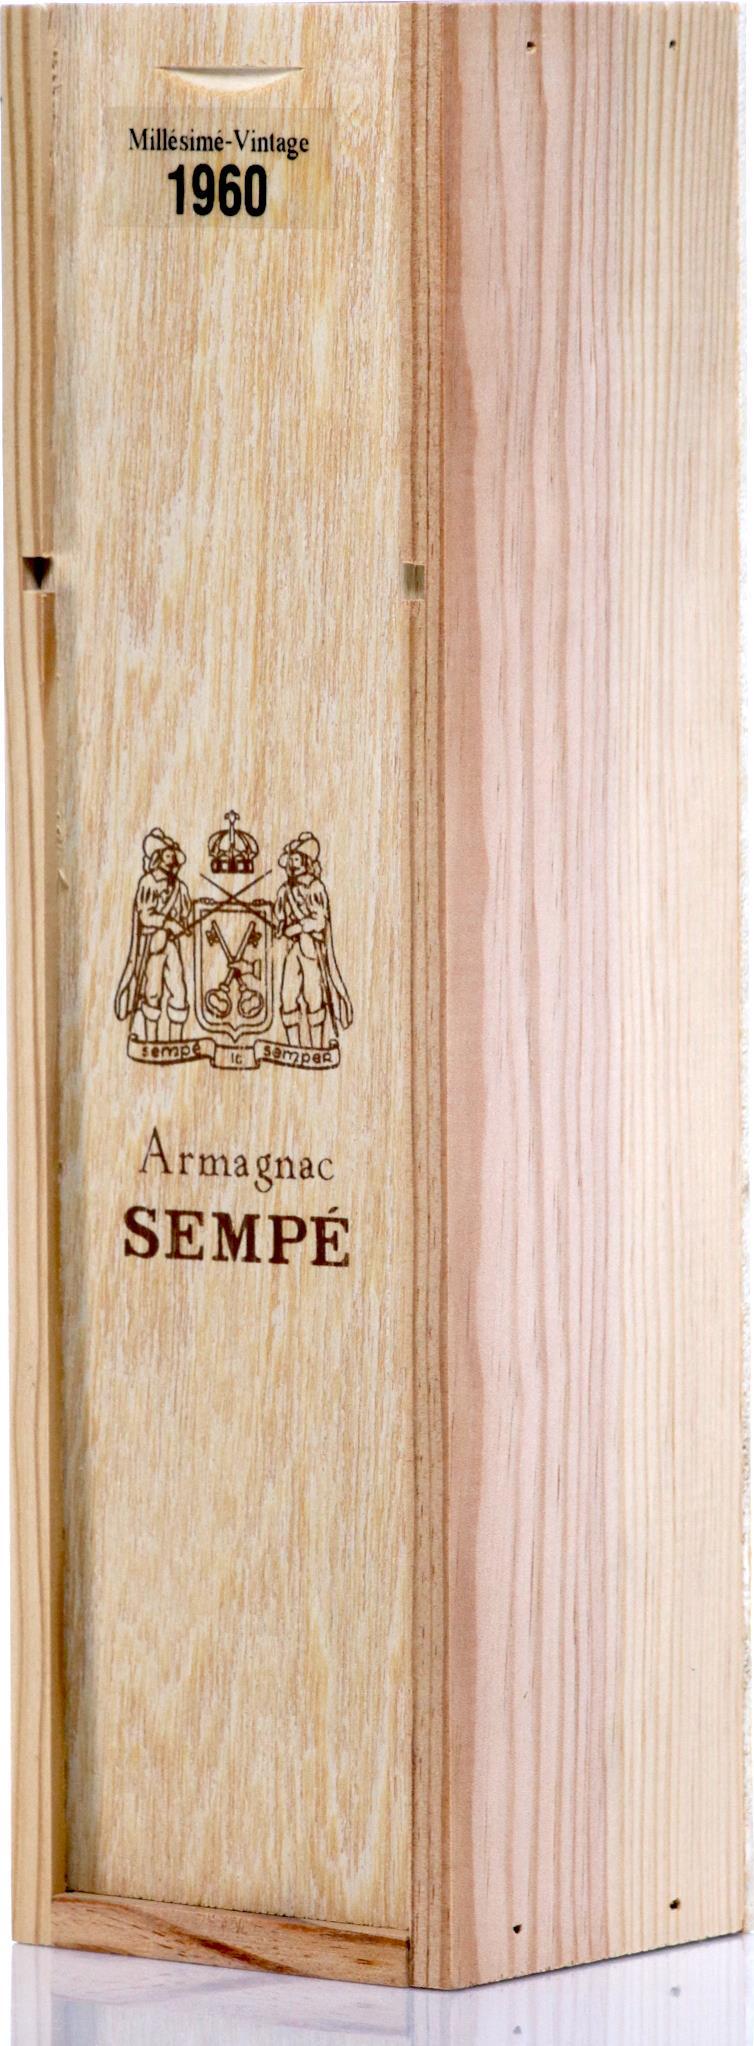 Armagnac 1960 Sempé